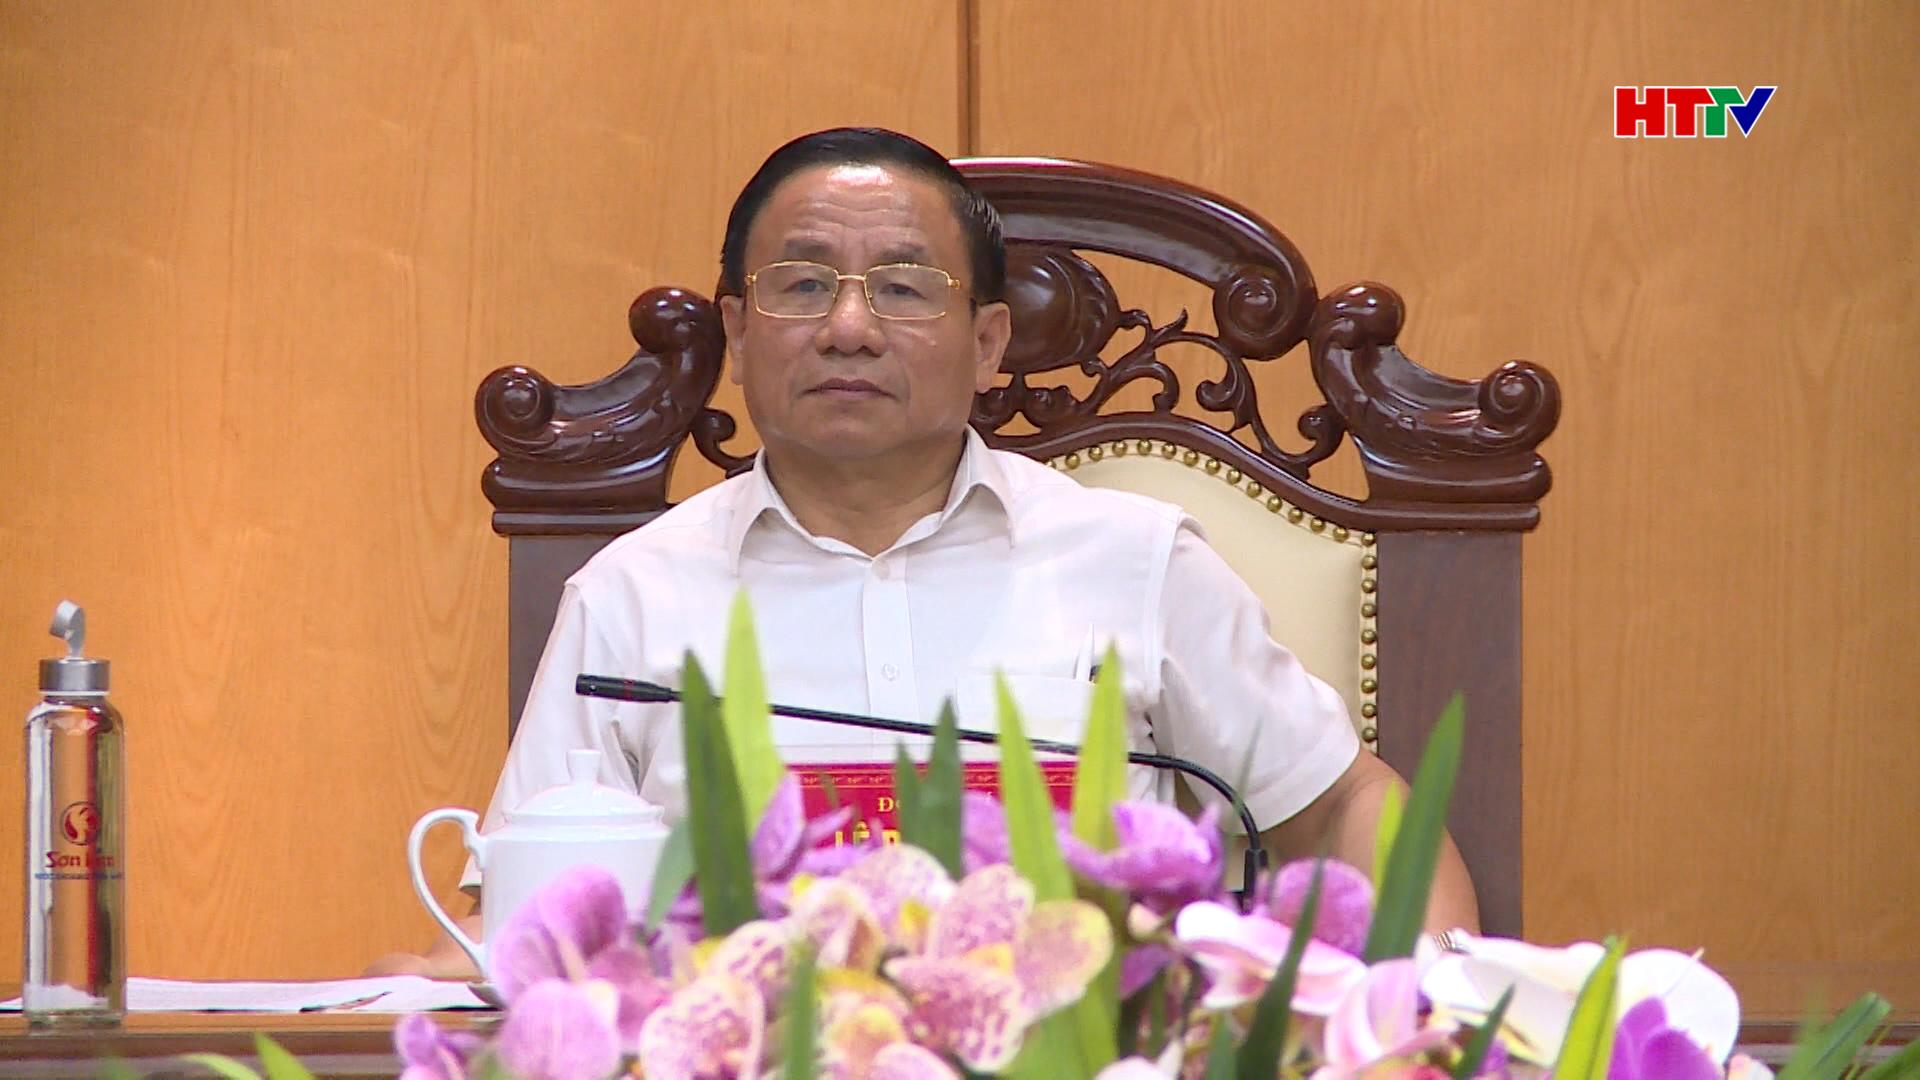 Đ/c Lê Đình Sơn-Bí thư Tỉnh ủy, Trưởng Ban chỉ đạo chủ trì cuộc họp